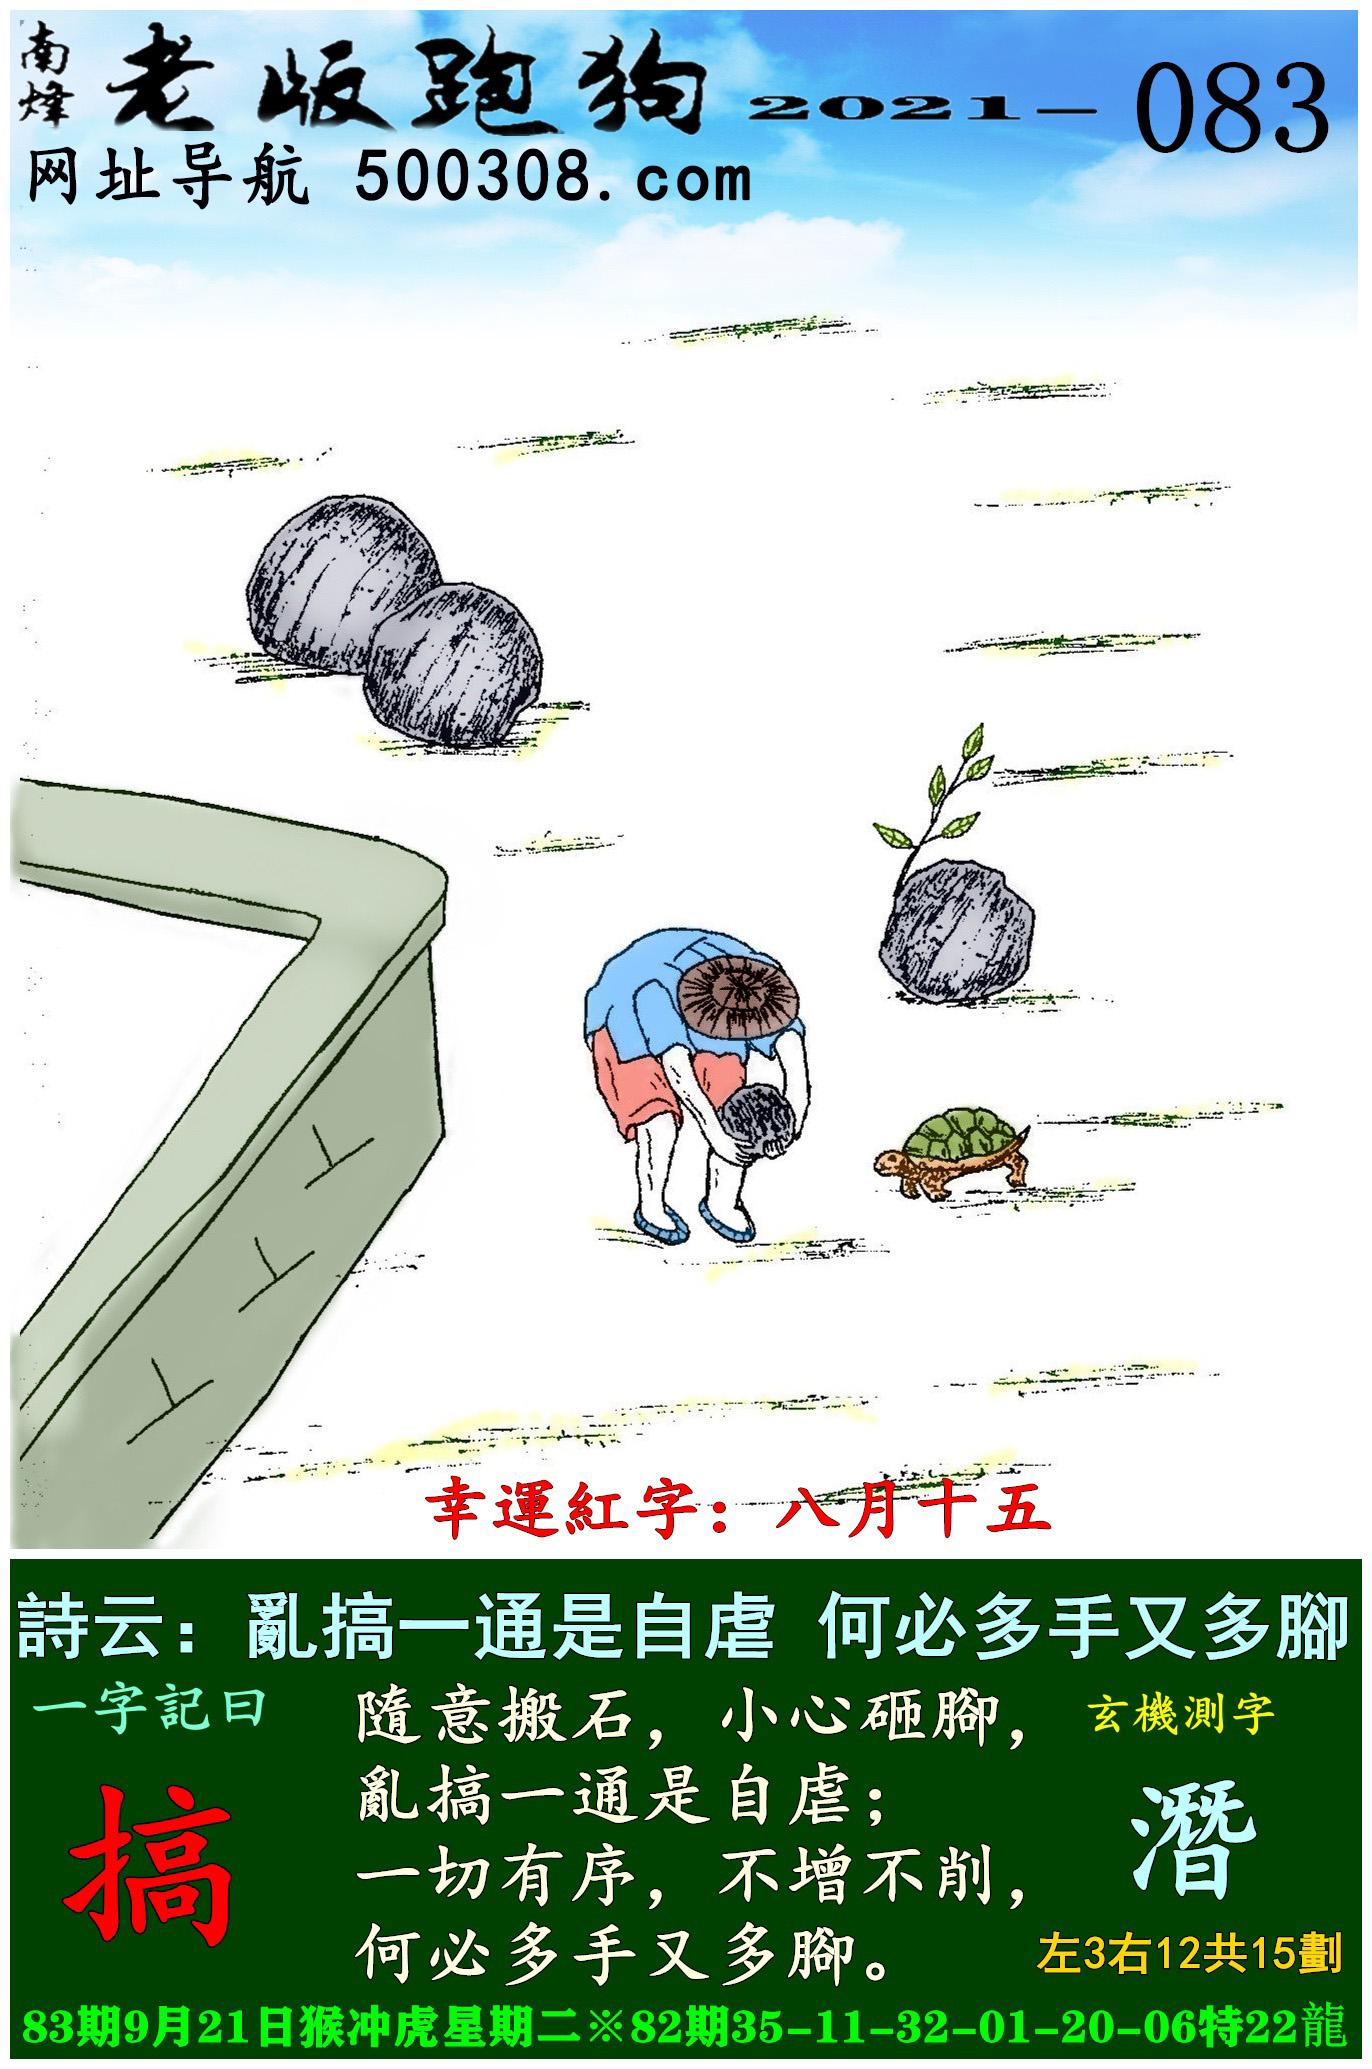 083期老版跑狗一字�之曰:【搞】 ��:�y搞一通是自虐,何必多手又多�_。